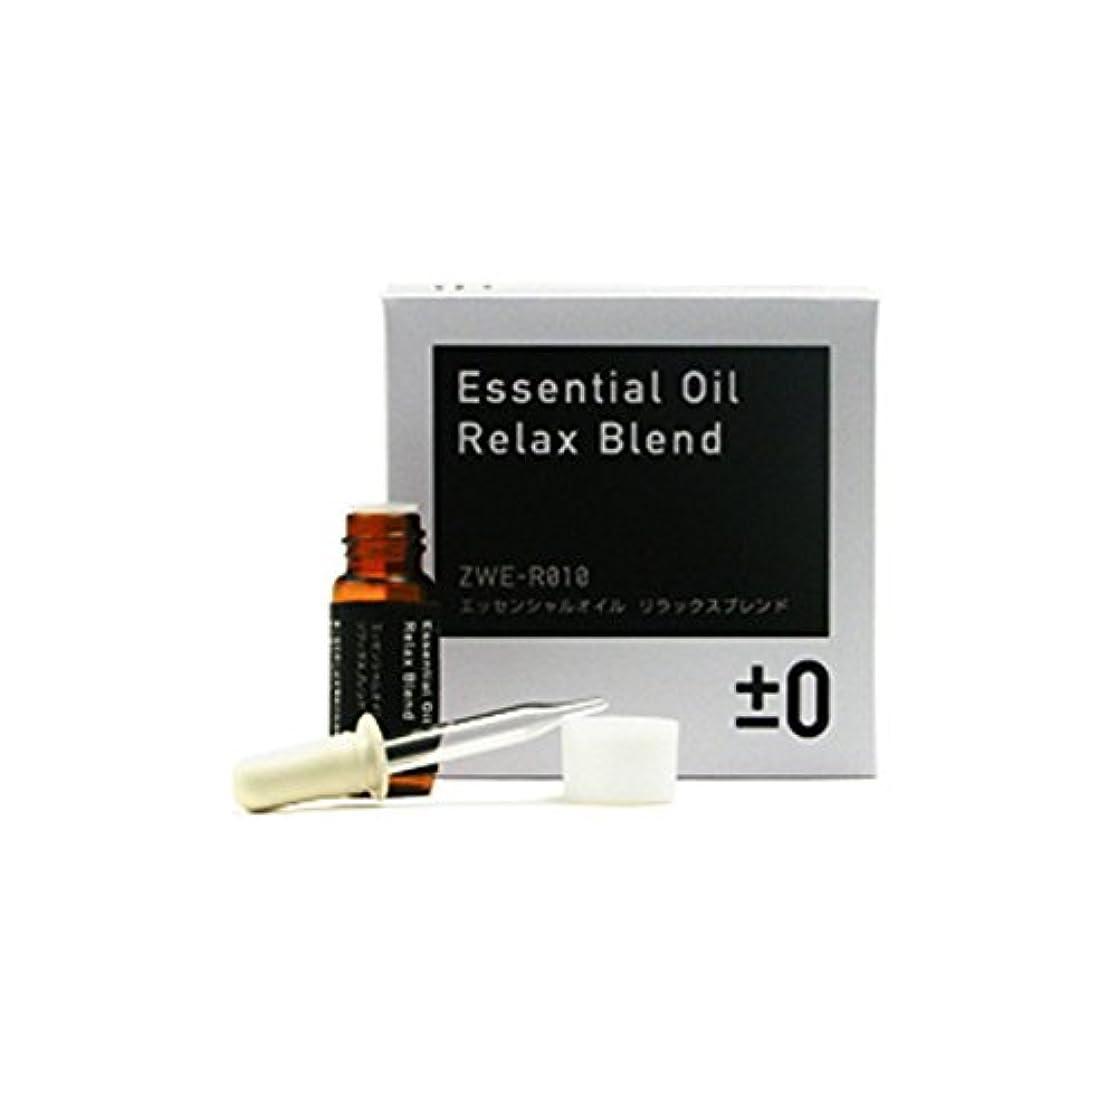 鳴らす人生を作る縁プラスマイナスゼロ ±0 エッセンシャルオイル(リラックスブレンド)Essential Oil Relax Blend